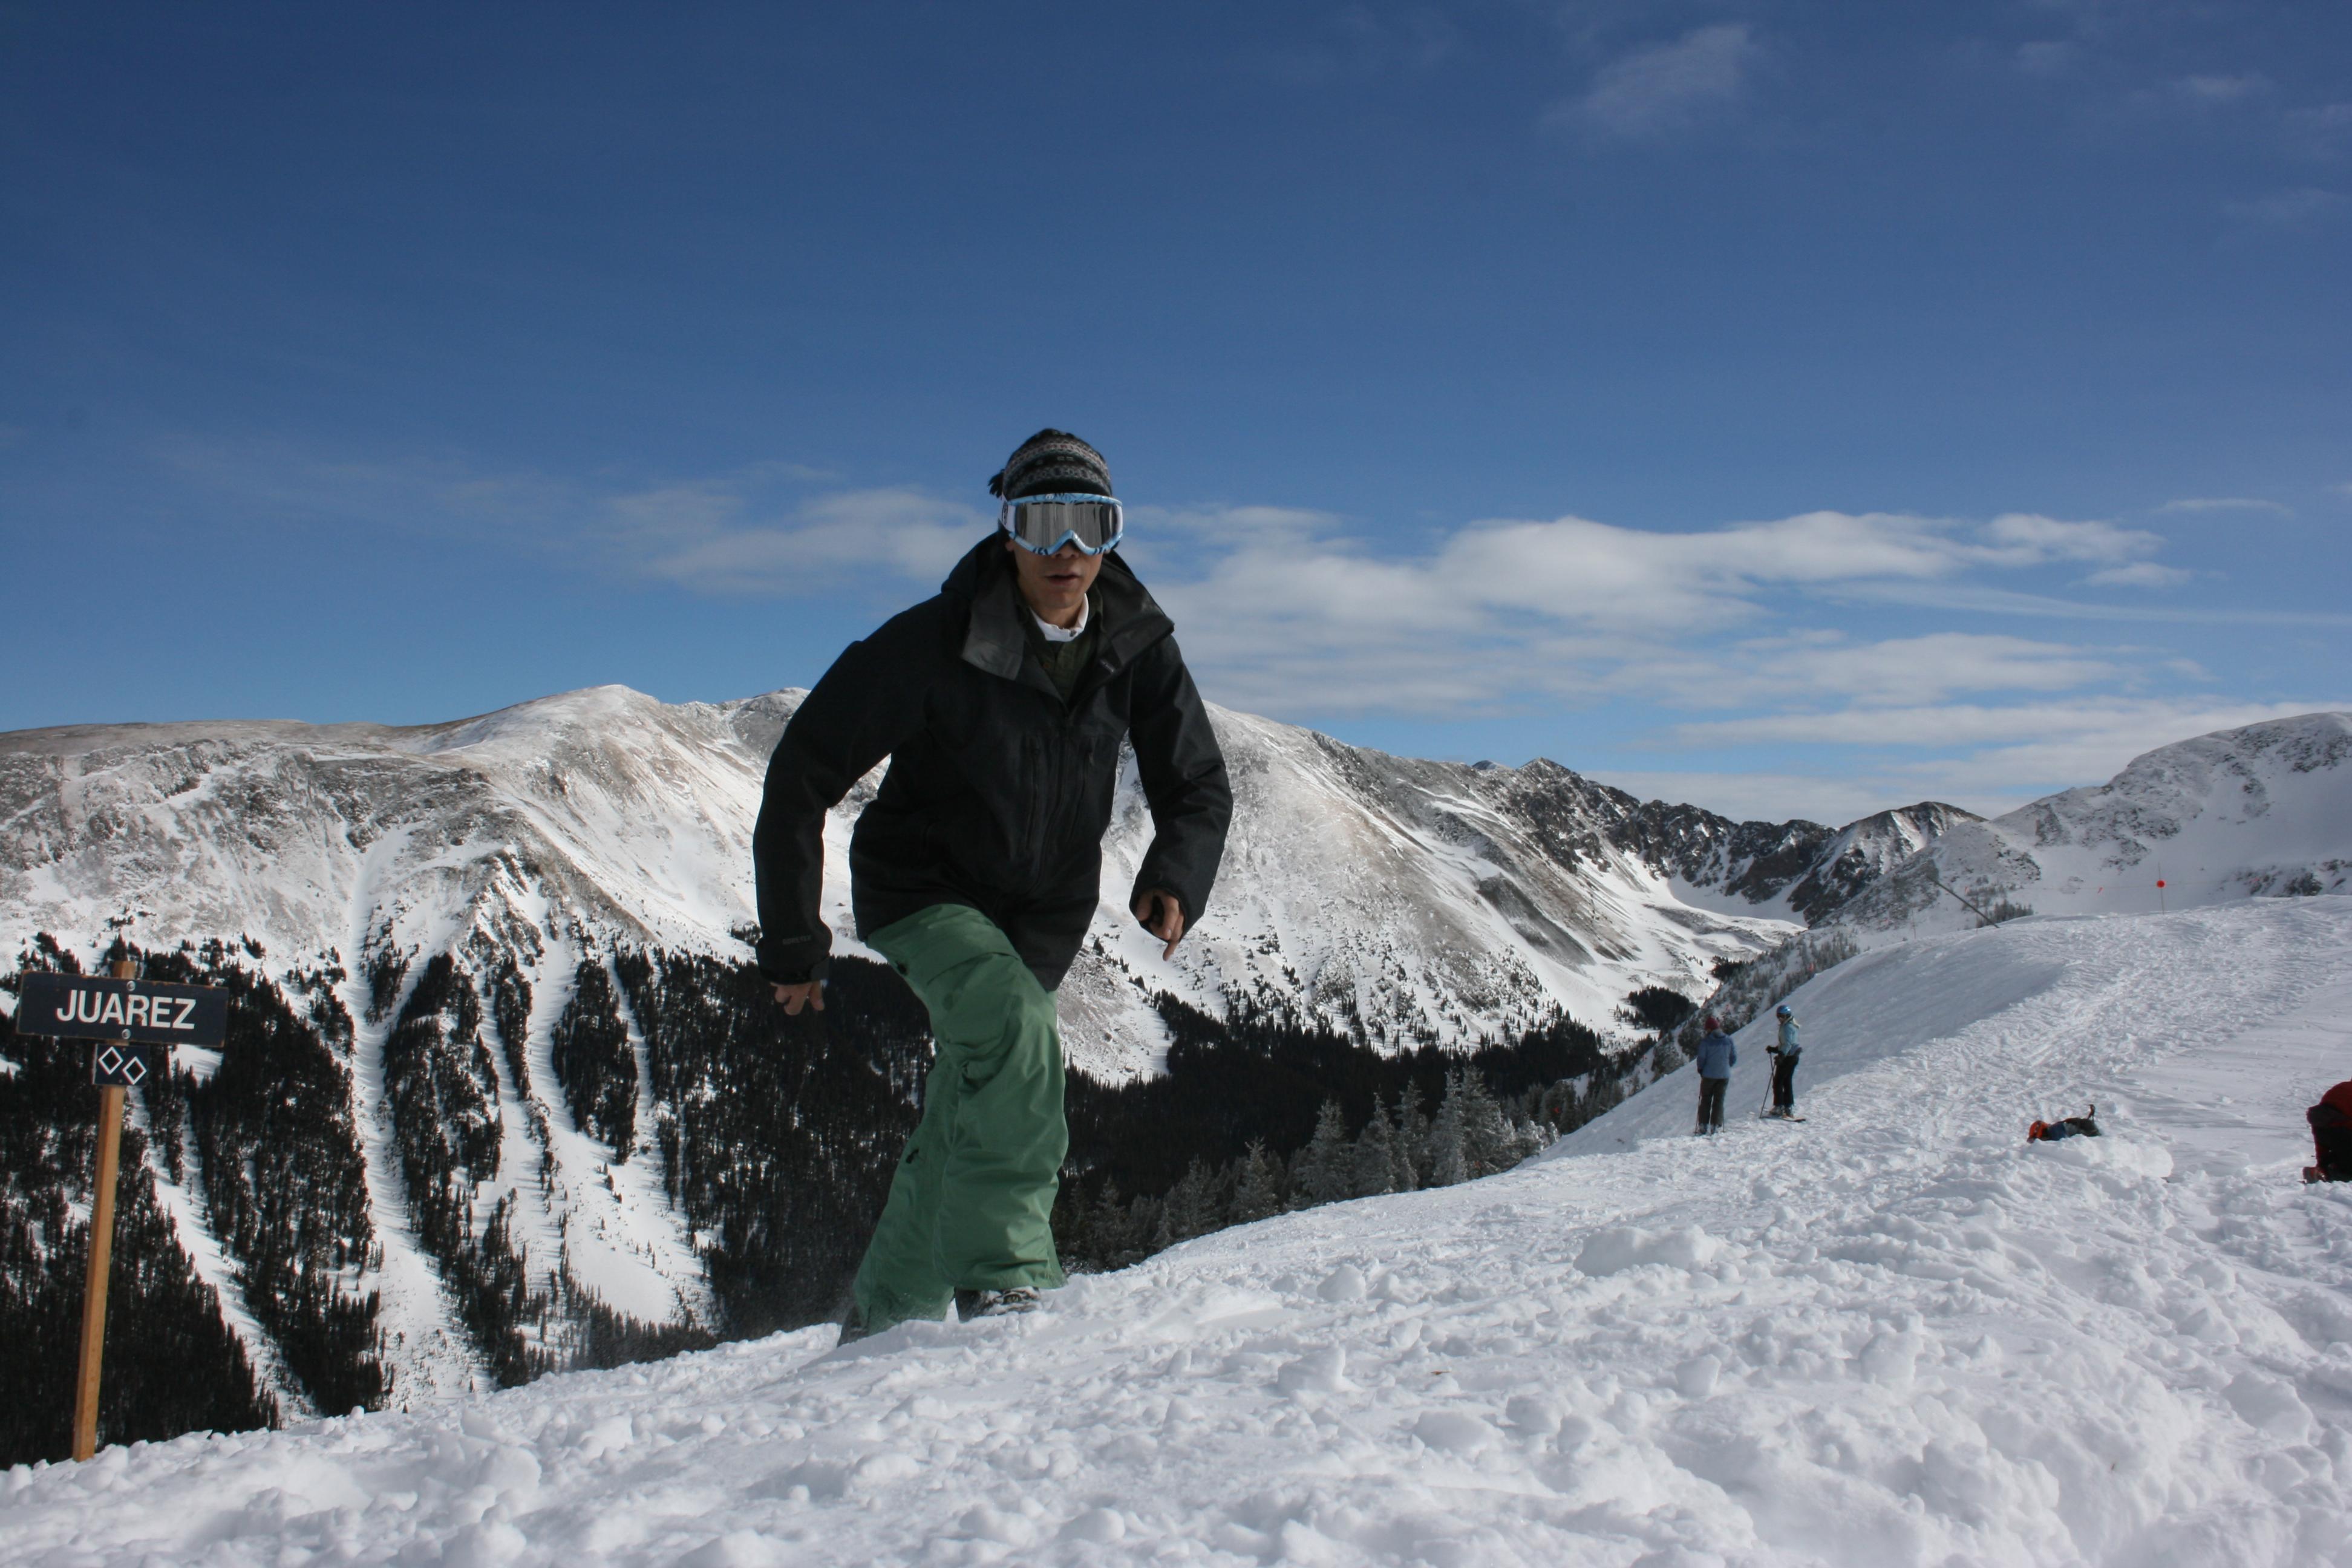 Feeling good at 12000 feet